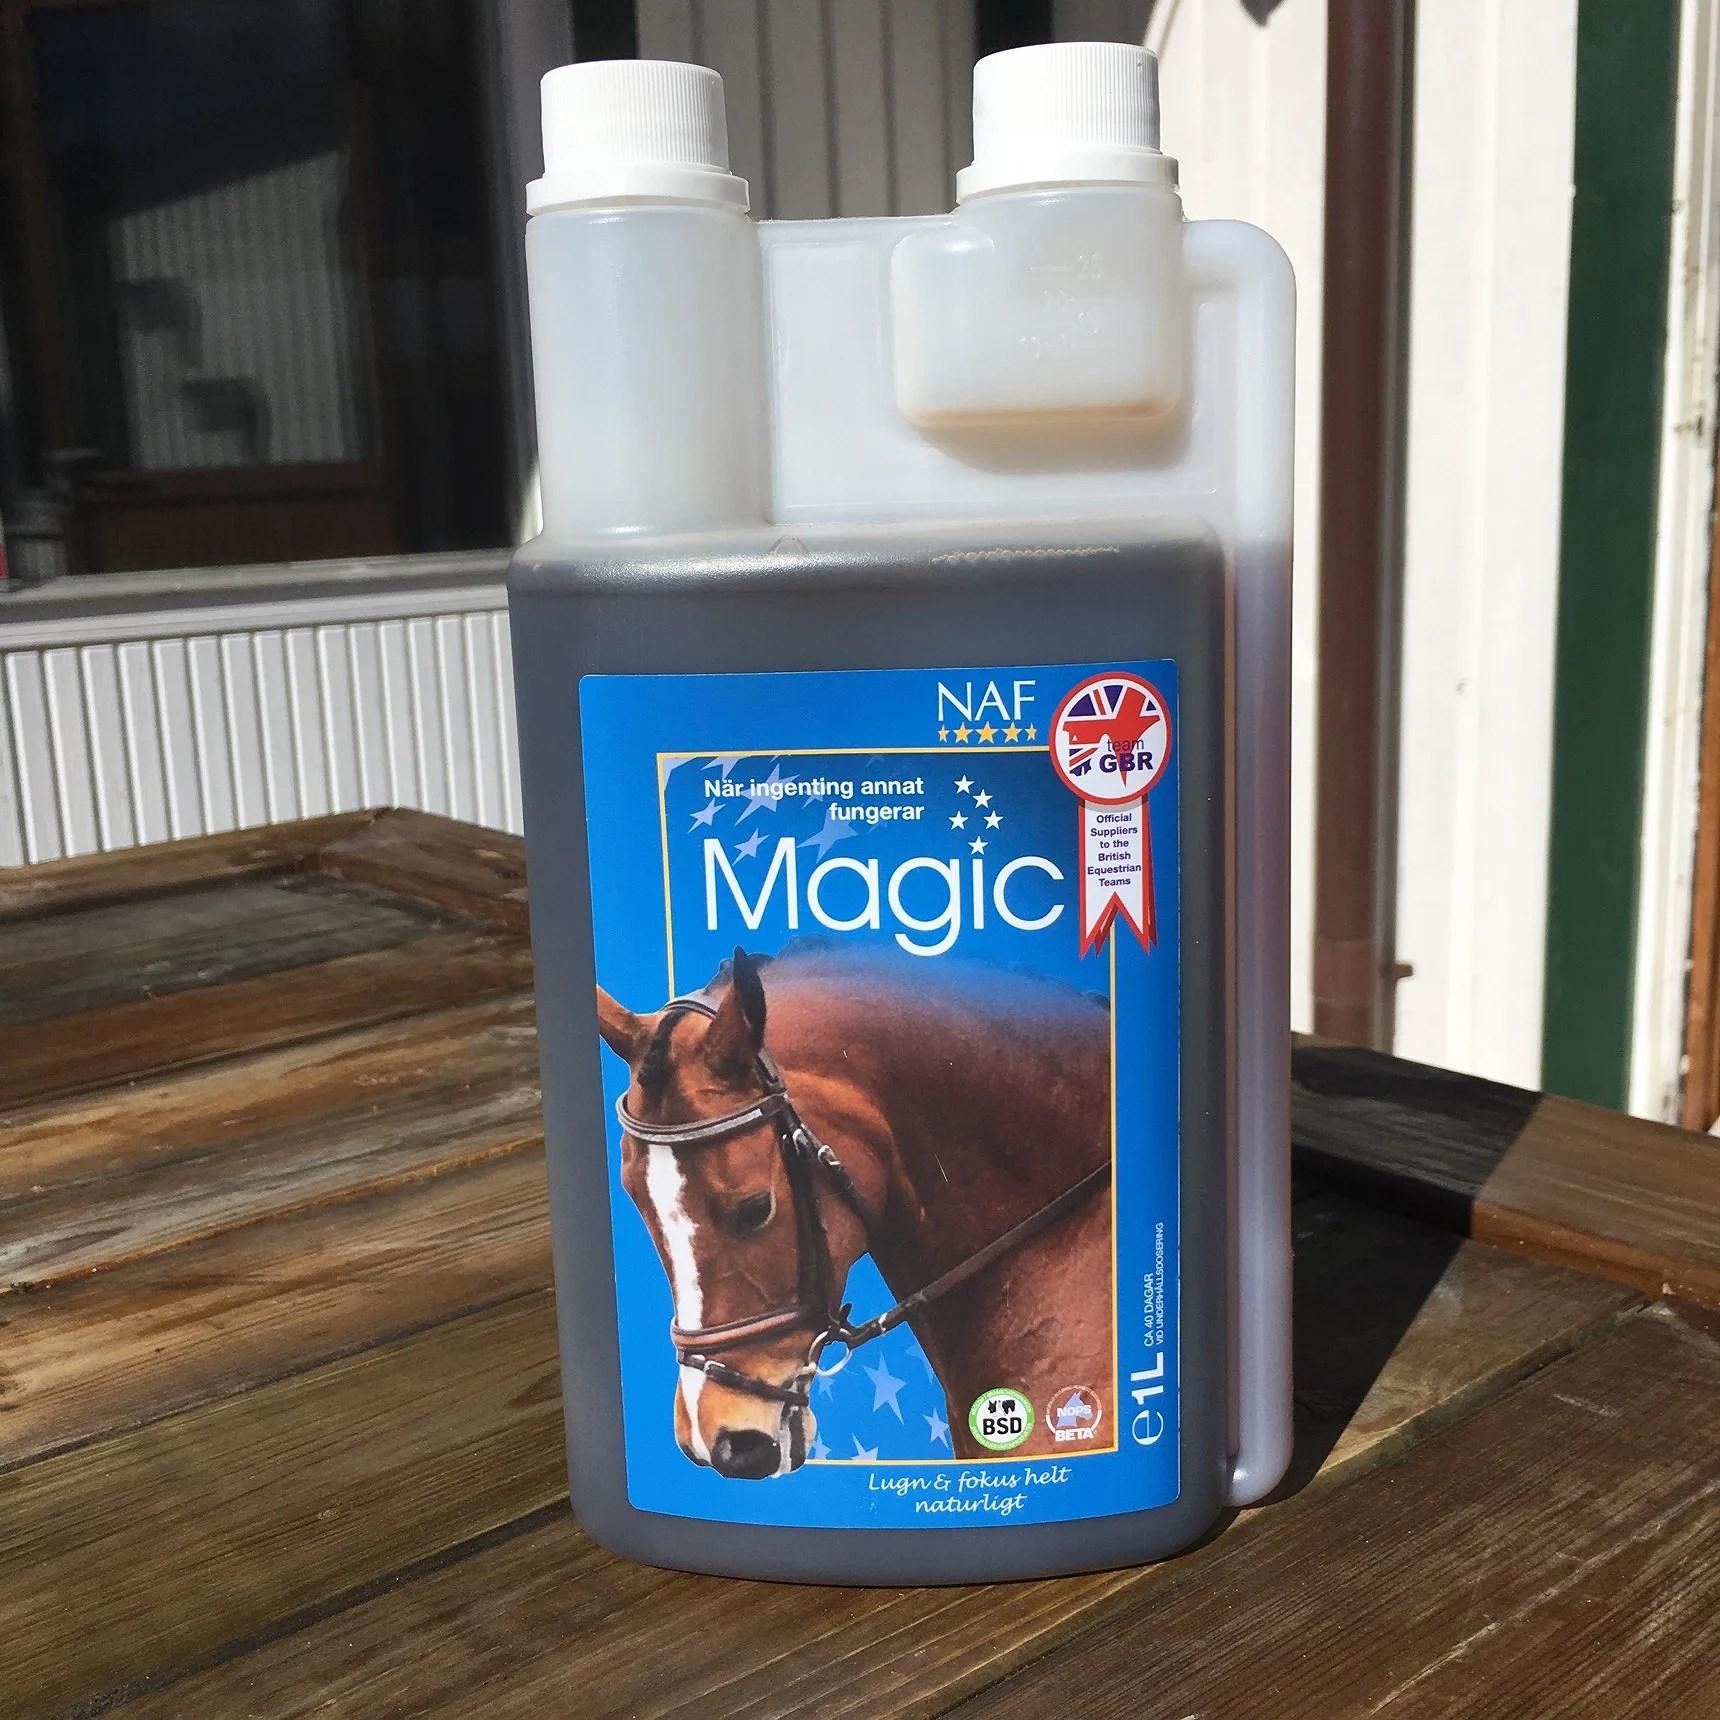 NAF Magic Flytande